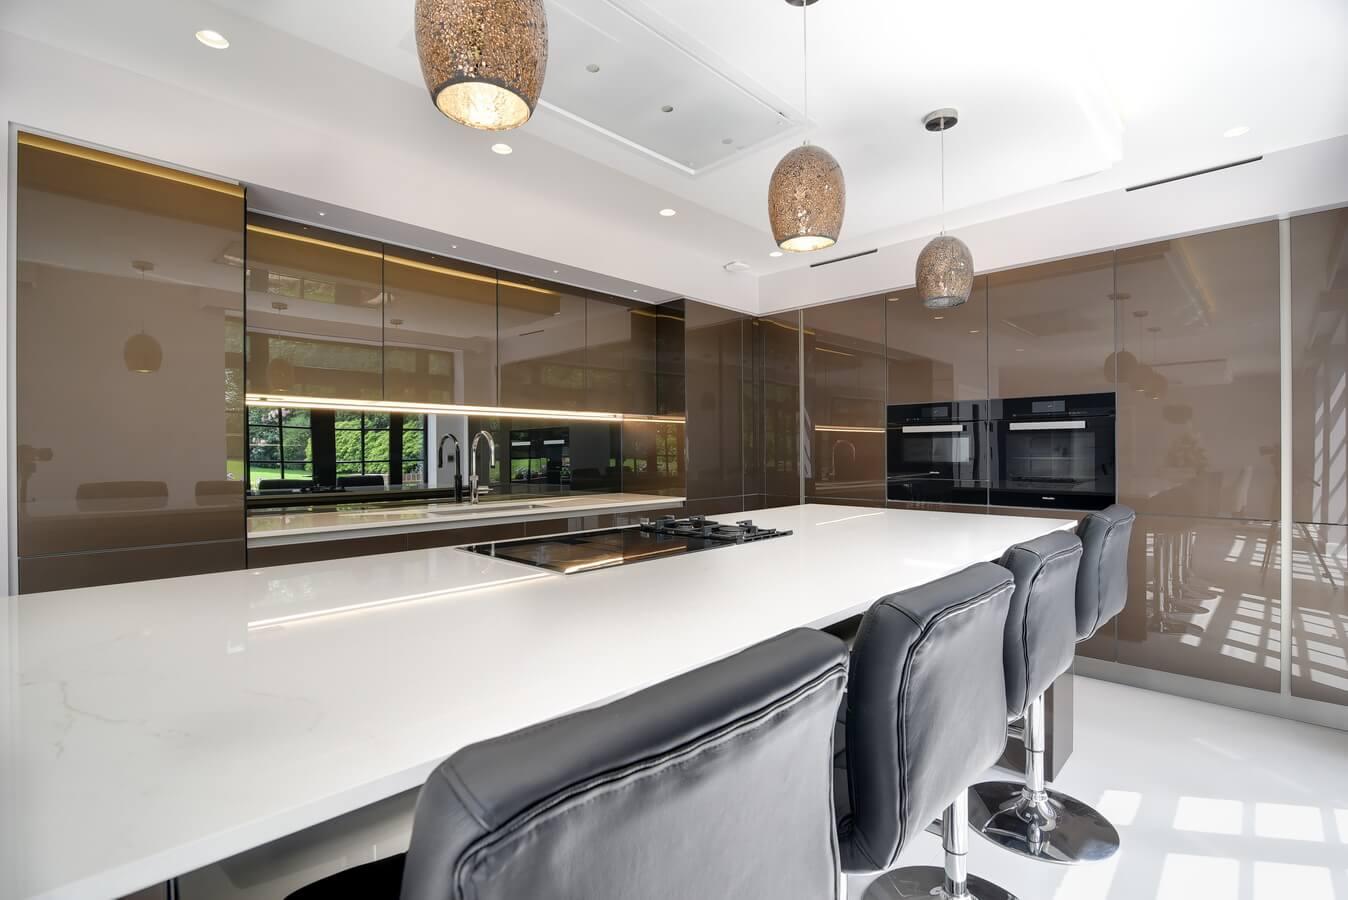 breakfast-bar-kitchen-island-moiety-kitchens.jpg